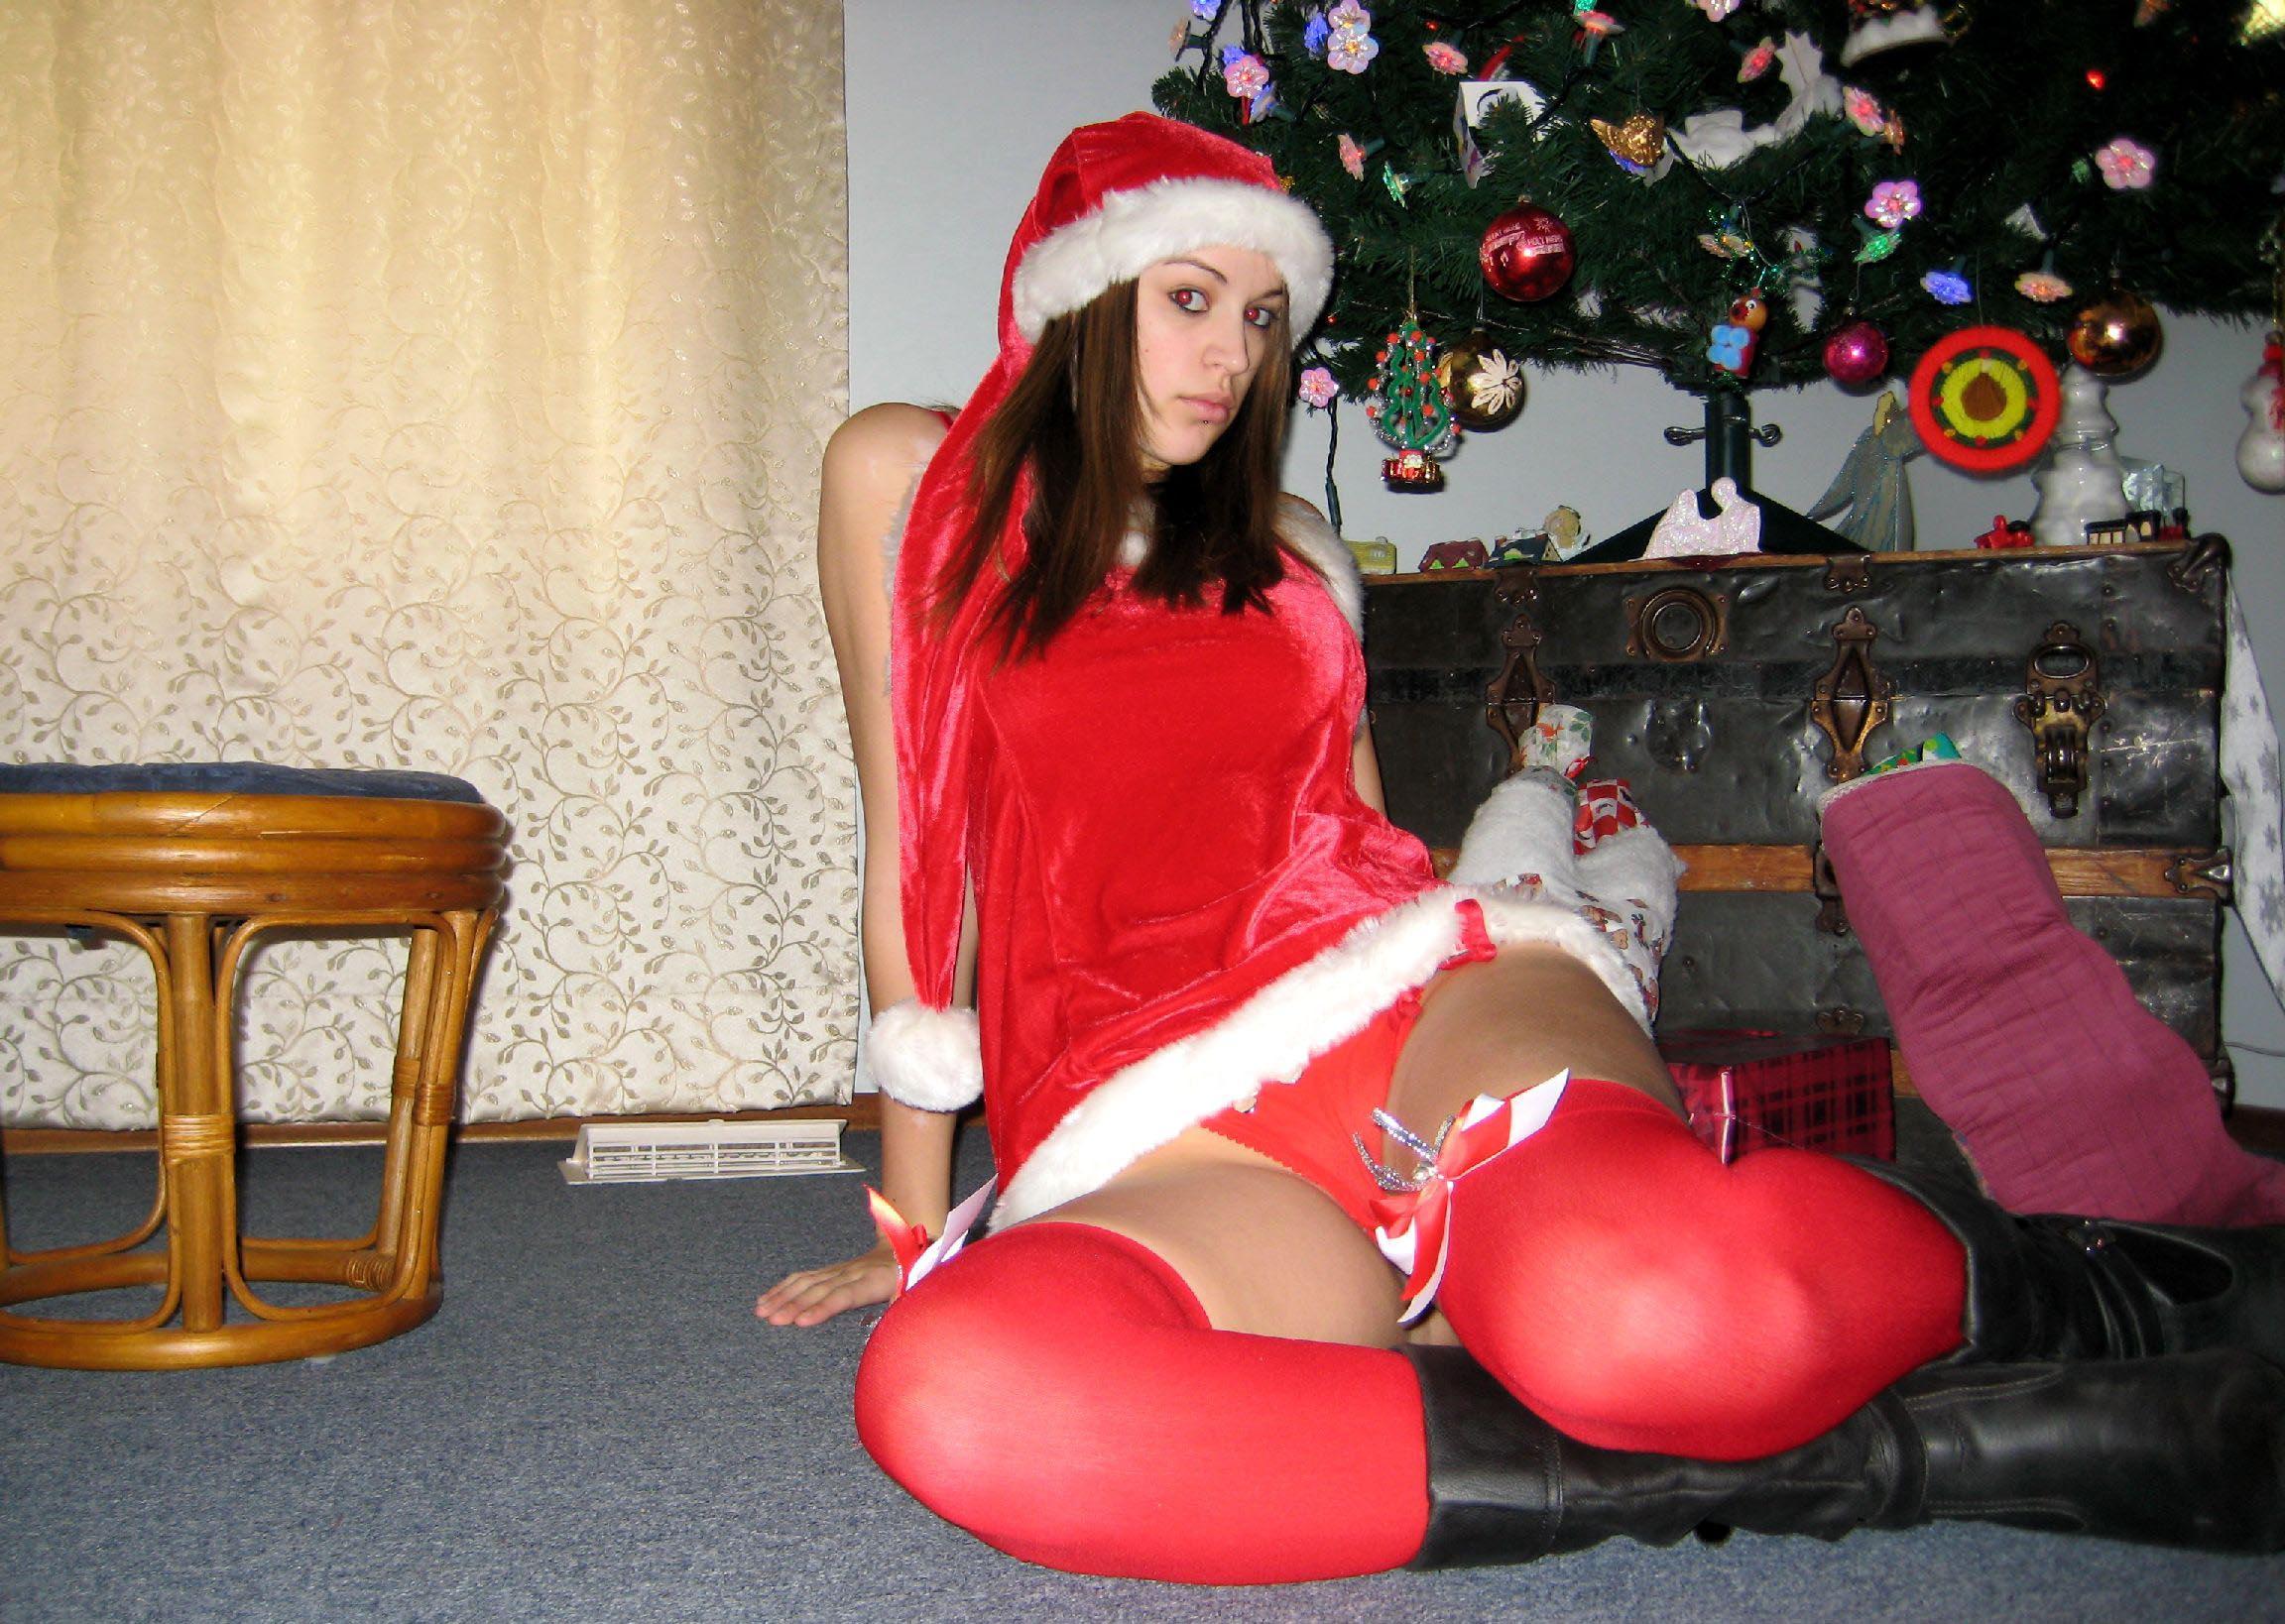 big-boobs-amateur-exgirlfriend-santa-xmas-nude-01